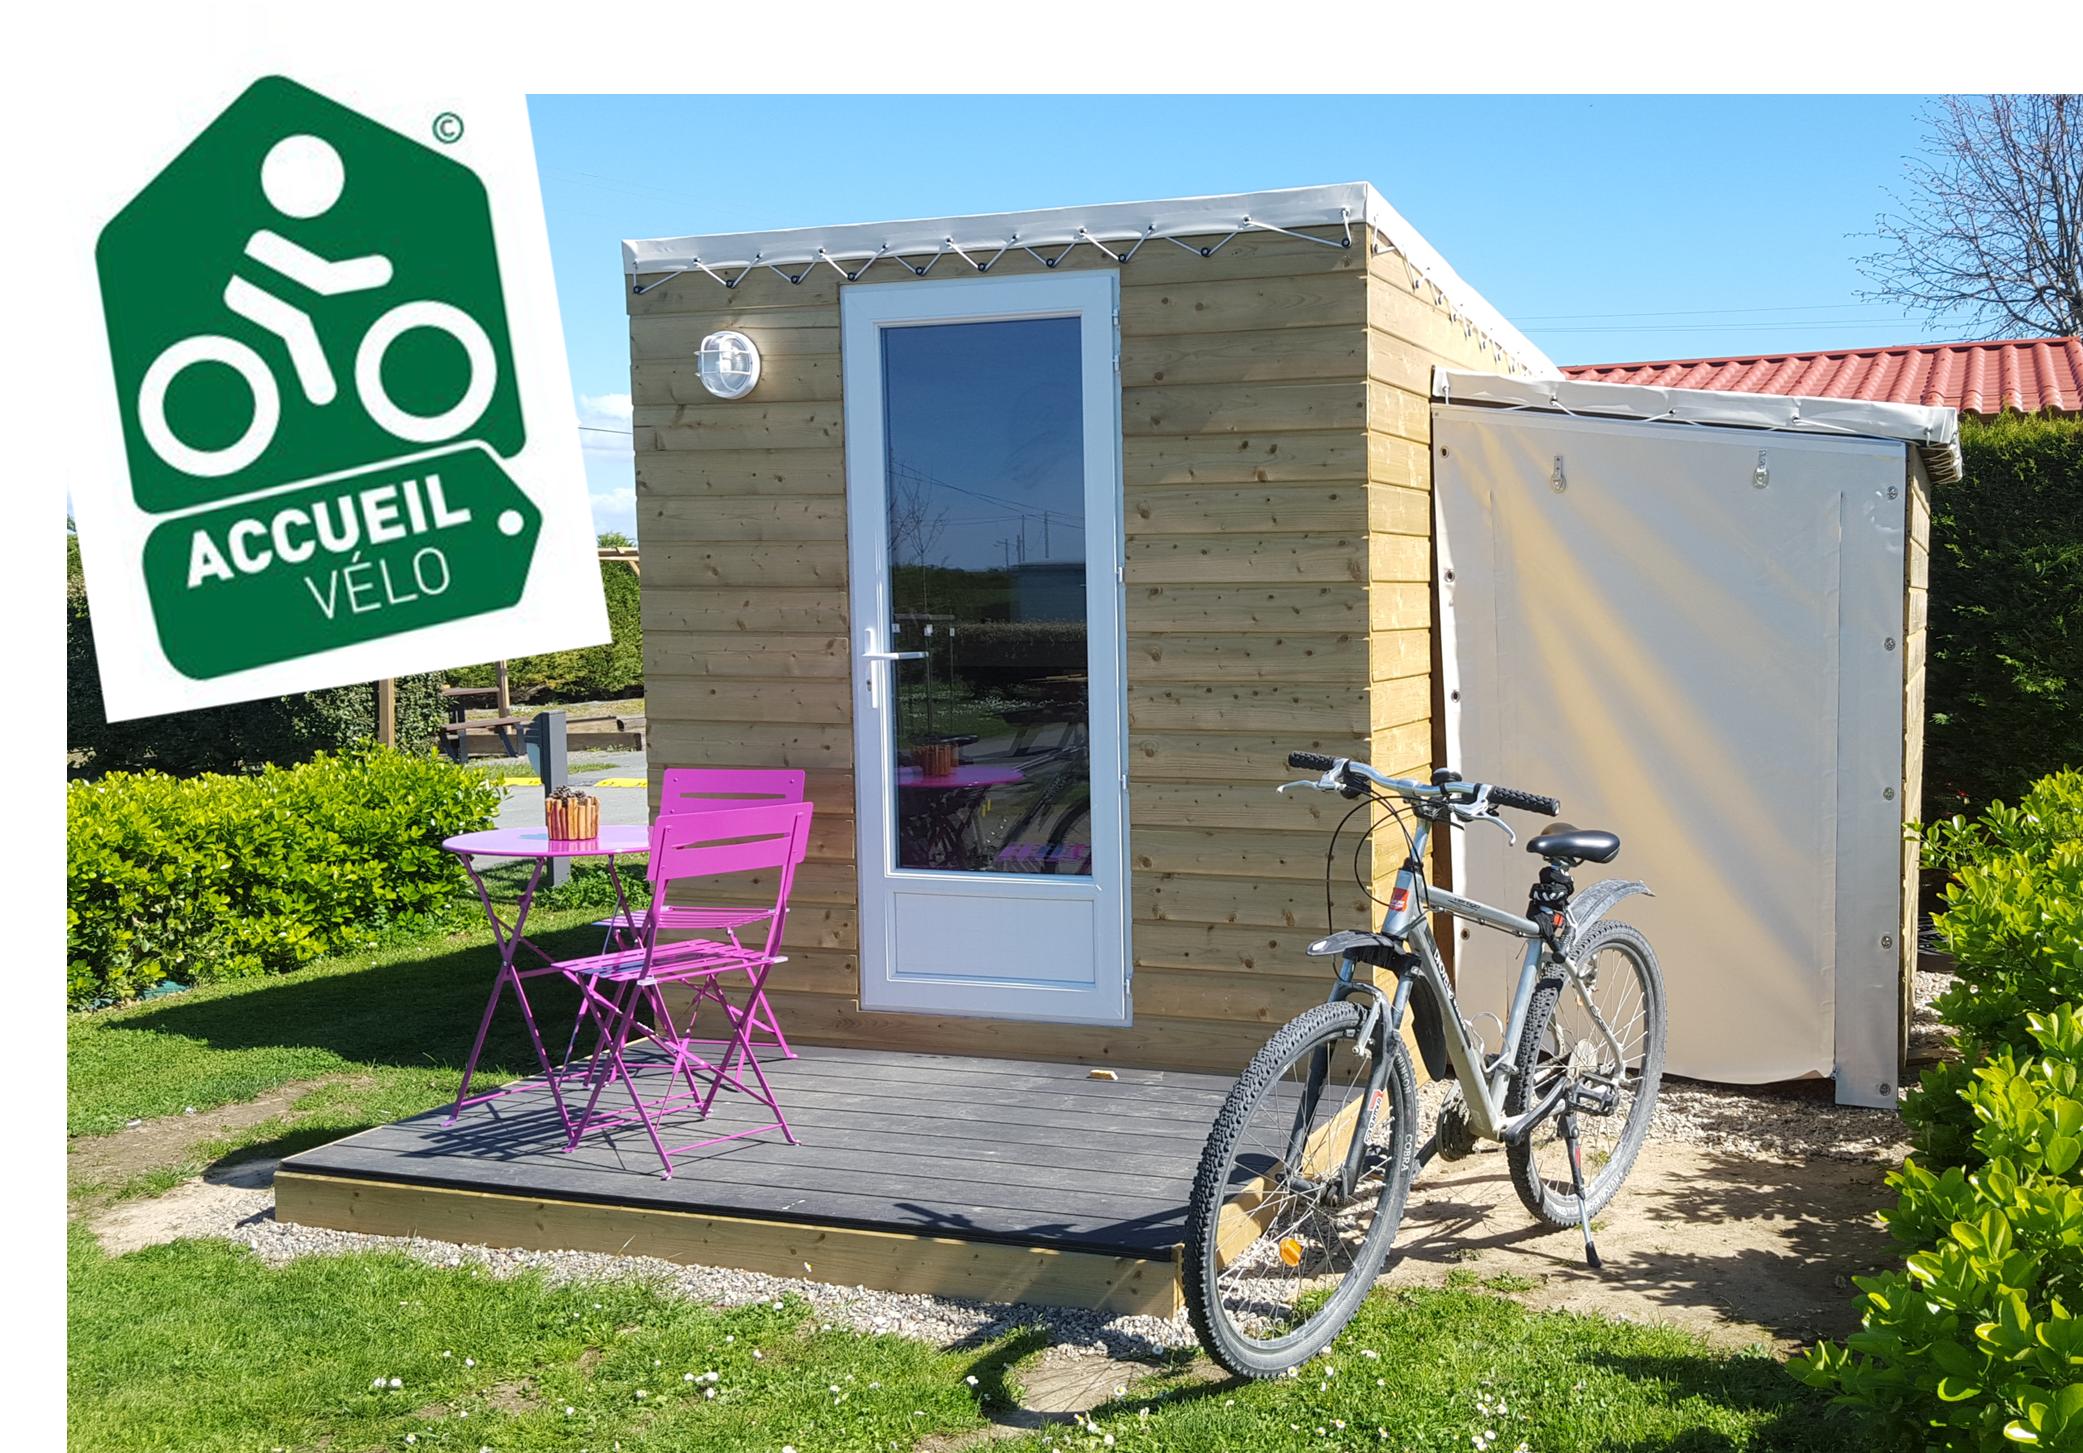 Les Dunes Camping à Talmont-Saint-Hilaire présente le refuge Accueil-Vélo.